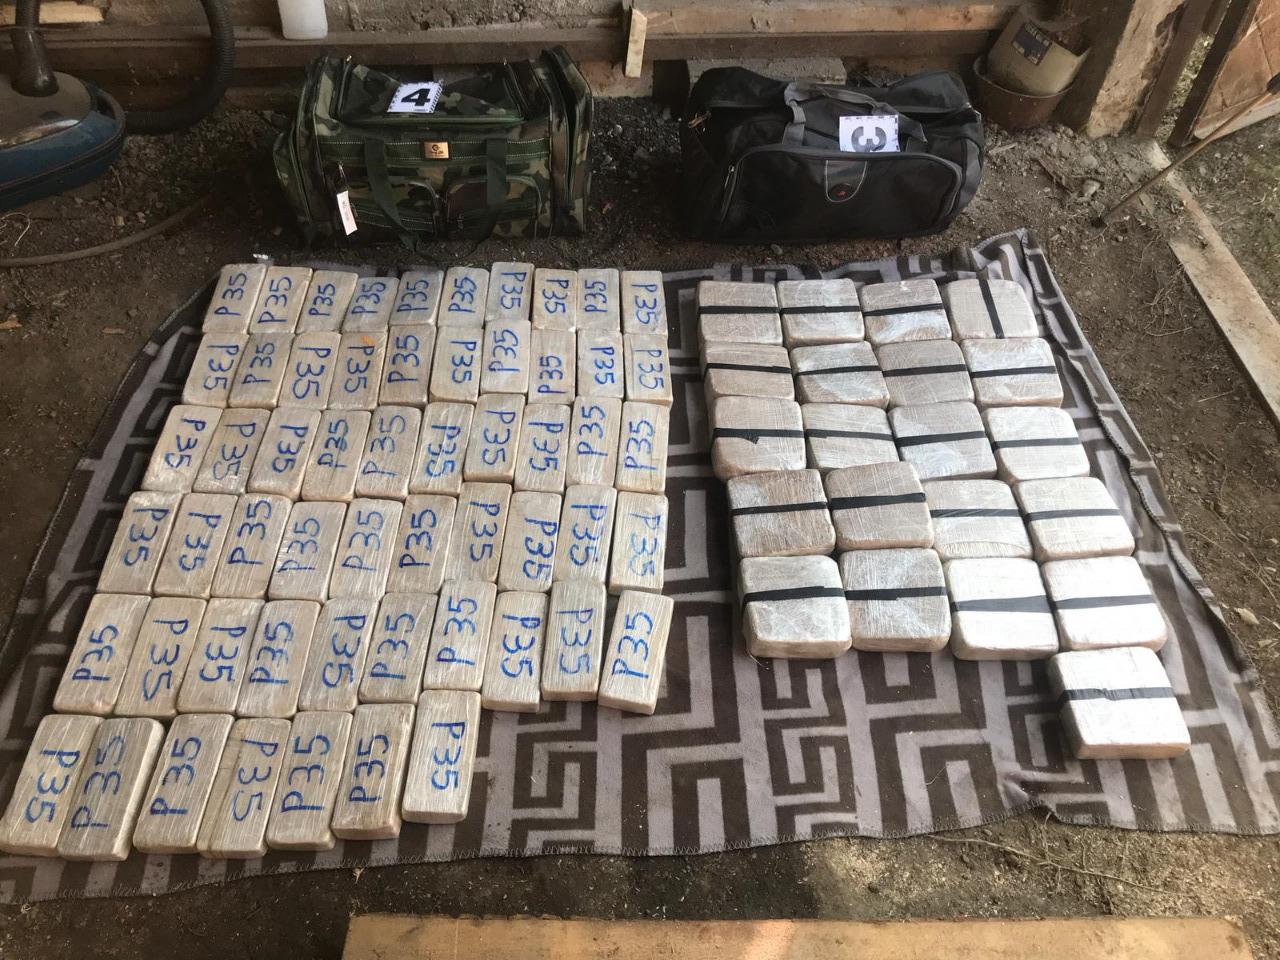 Закарпатська прокуратура затвердила обвинувачення учасникам ОЗГ, які намагалися переправити до ЄС майже 207 кг героїну